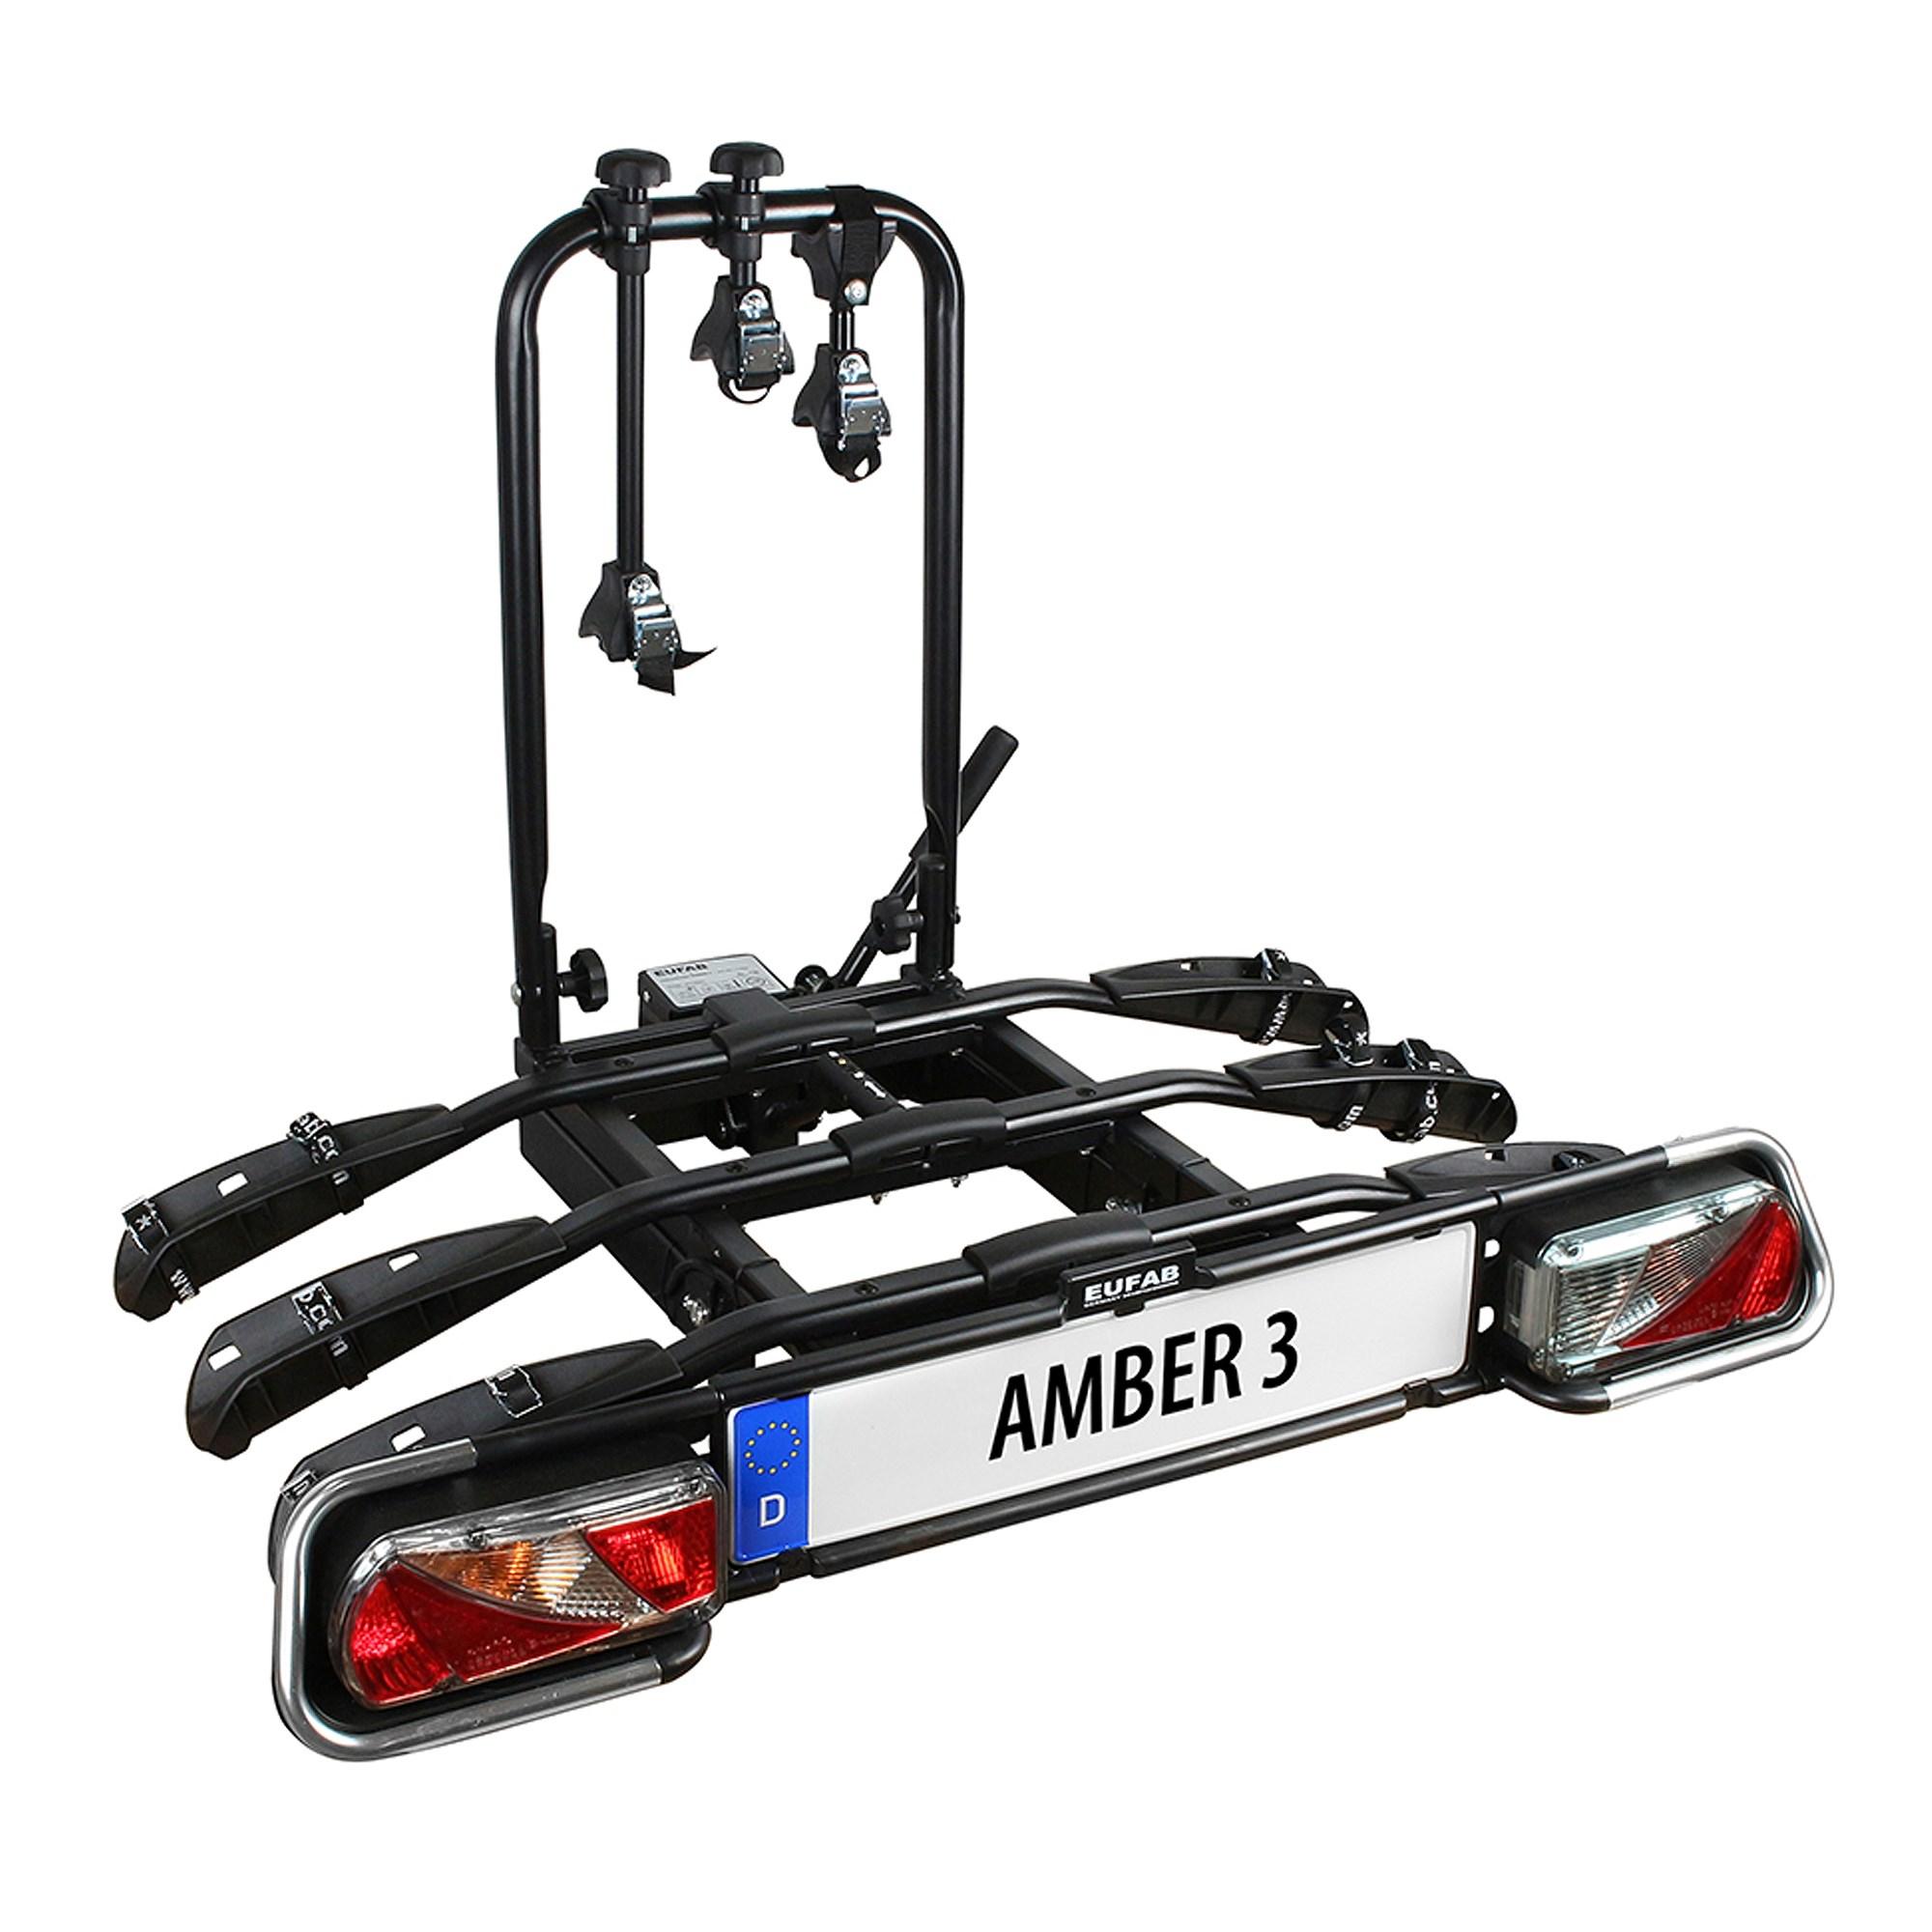 Eufab Fahrradträger Amber 3 (Geeignet für: 3 Fahrräder, Max